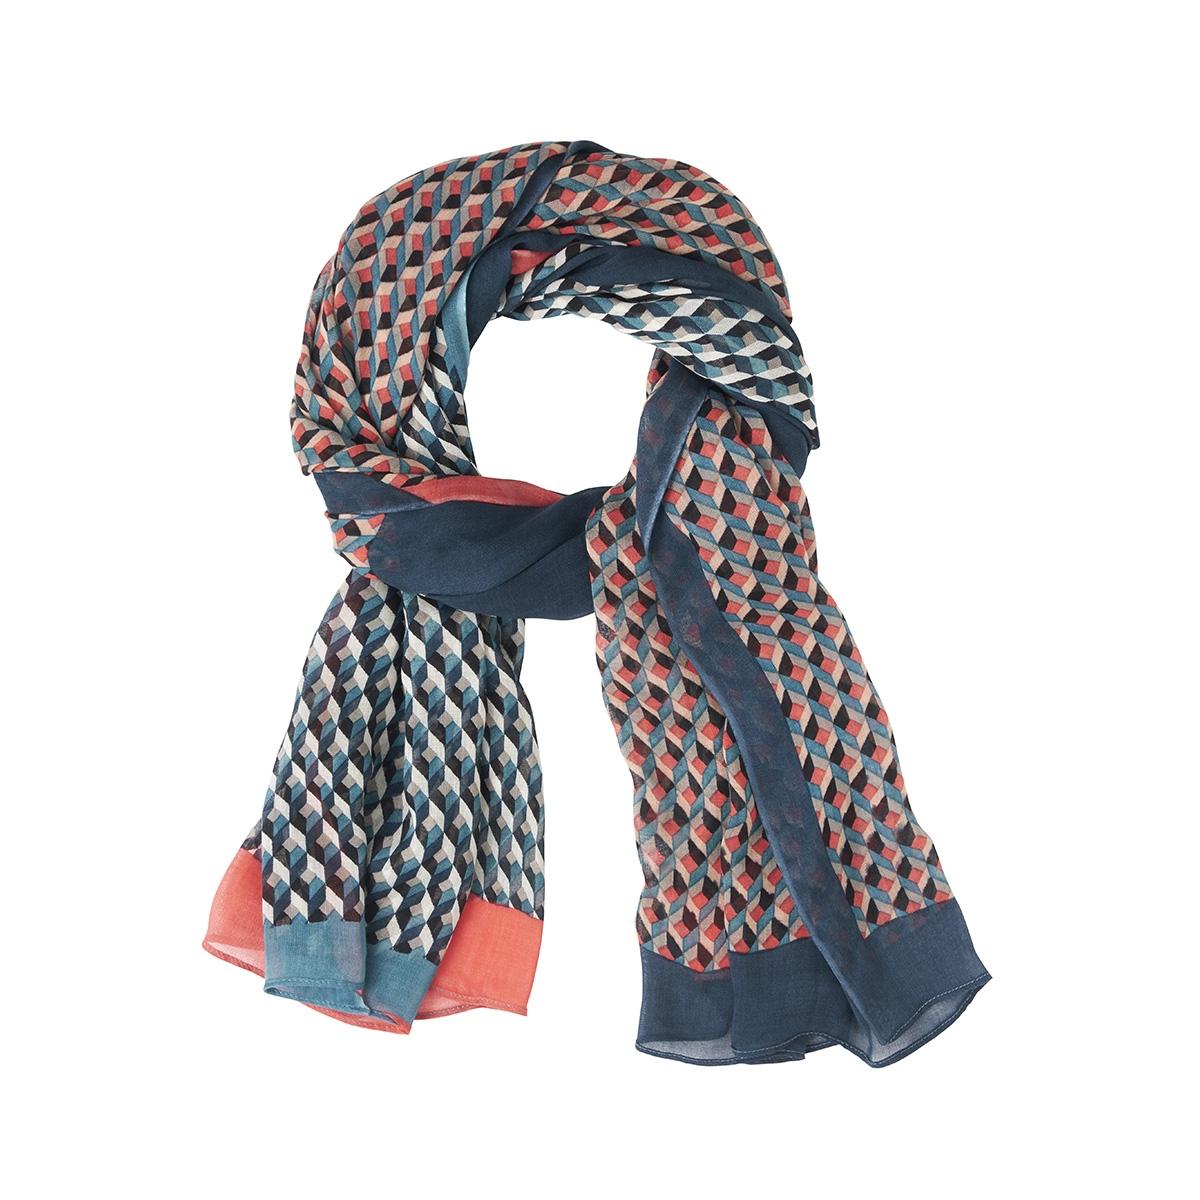 sjaal met grafische print in twee kleuren 28001495 sandwich sjaal 50075